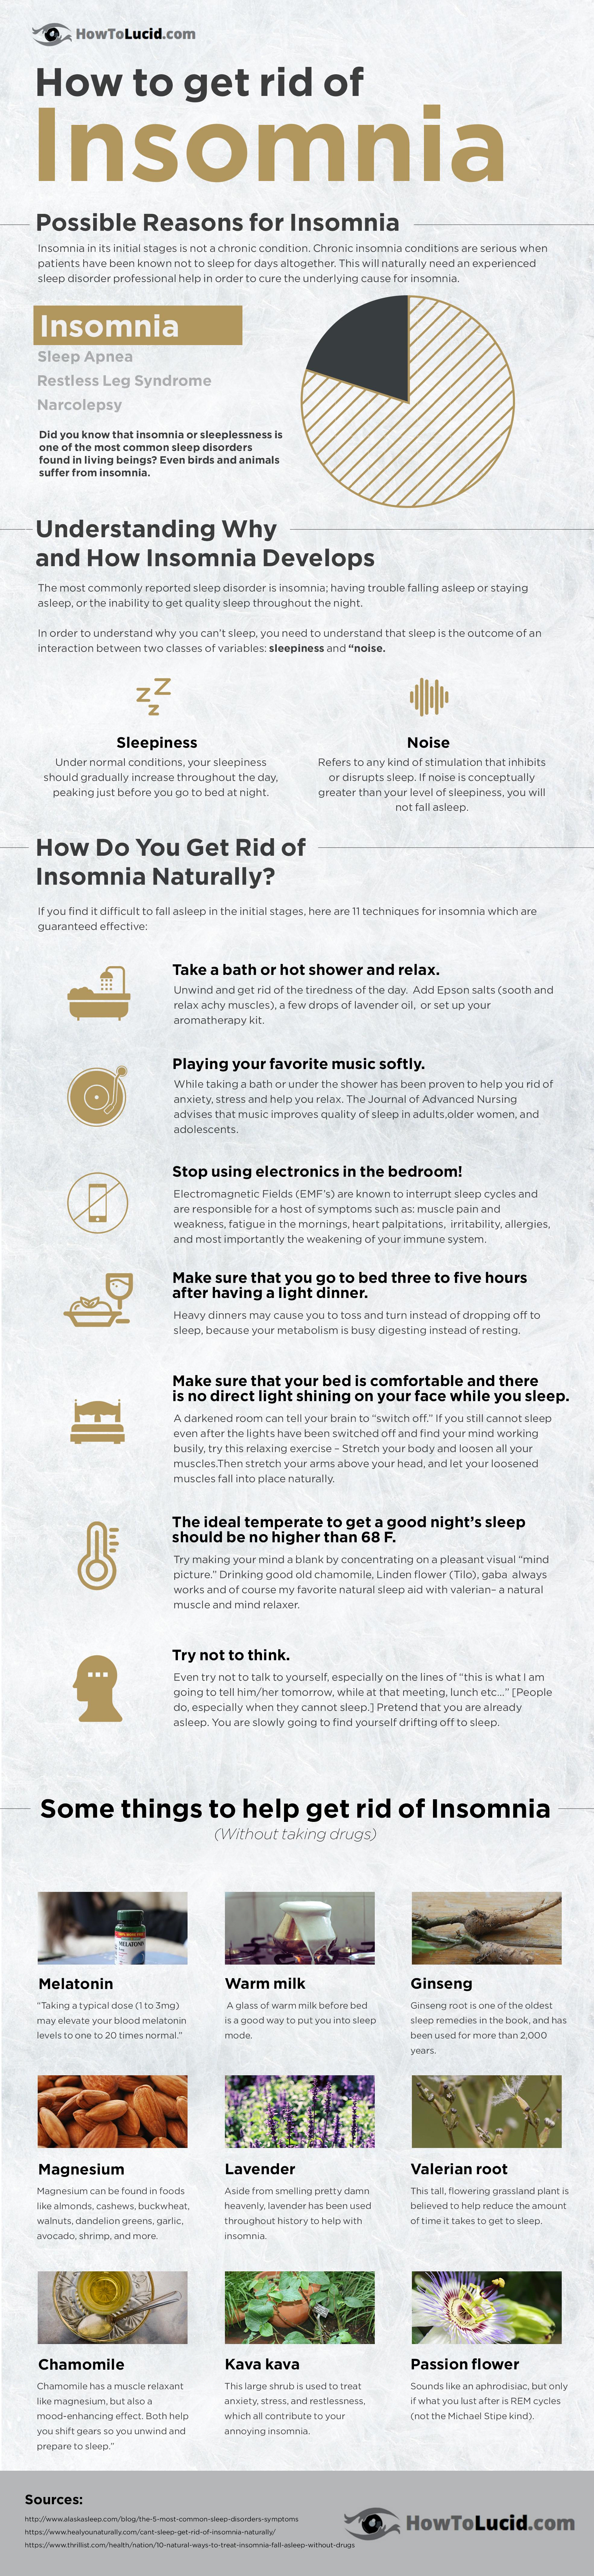 Remove insomnia infographic